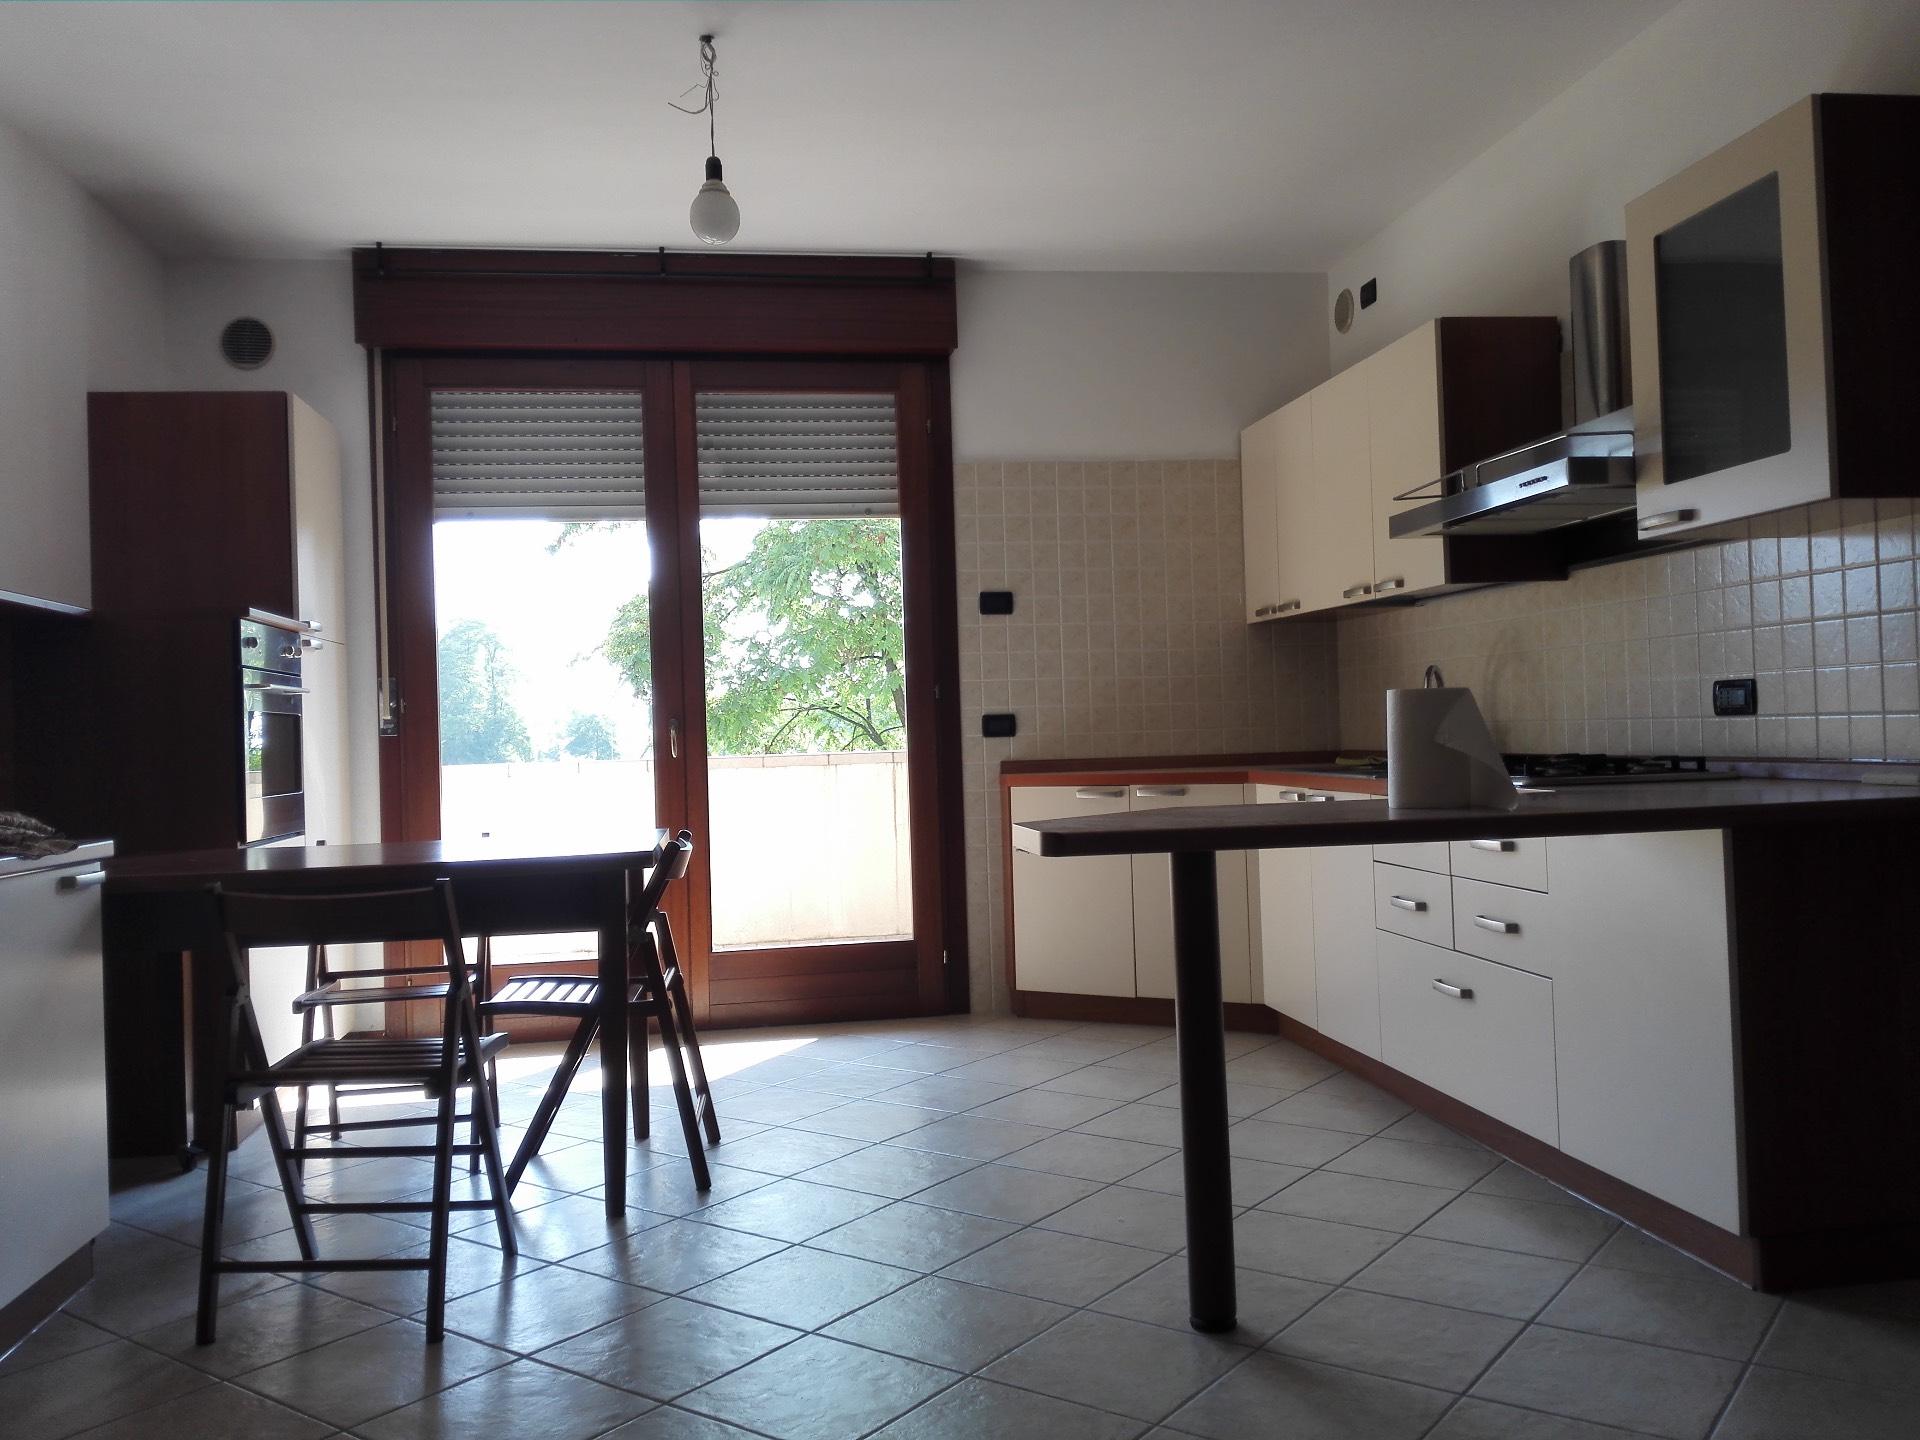 Appartamento in affitto a Santa Lucia di Piave, 5 locali, zona Località: S.aLucia, prezzo € 480 | Cambio Casa.it